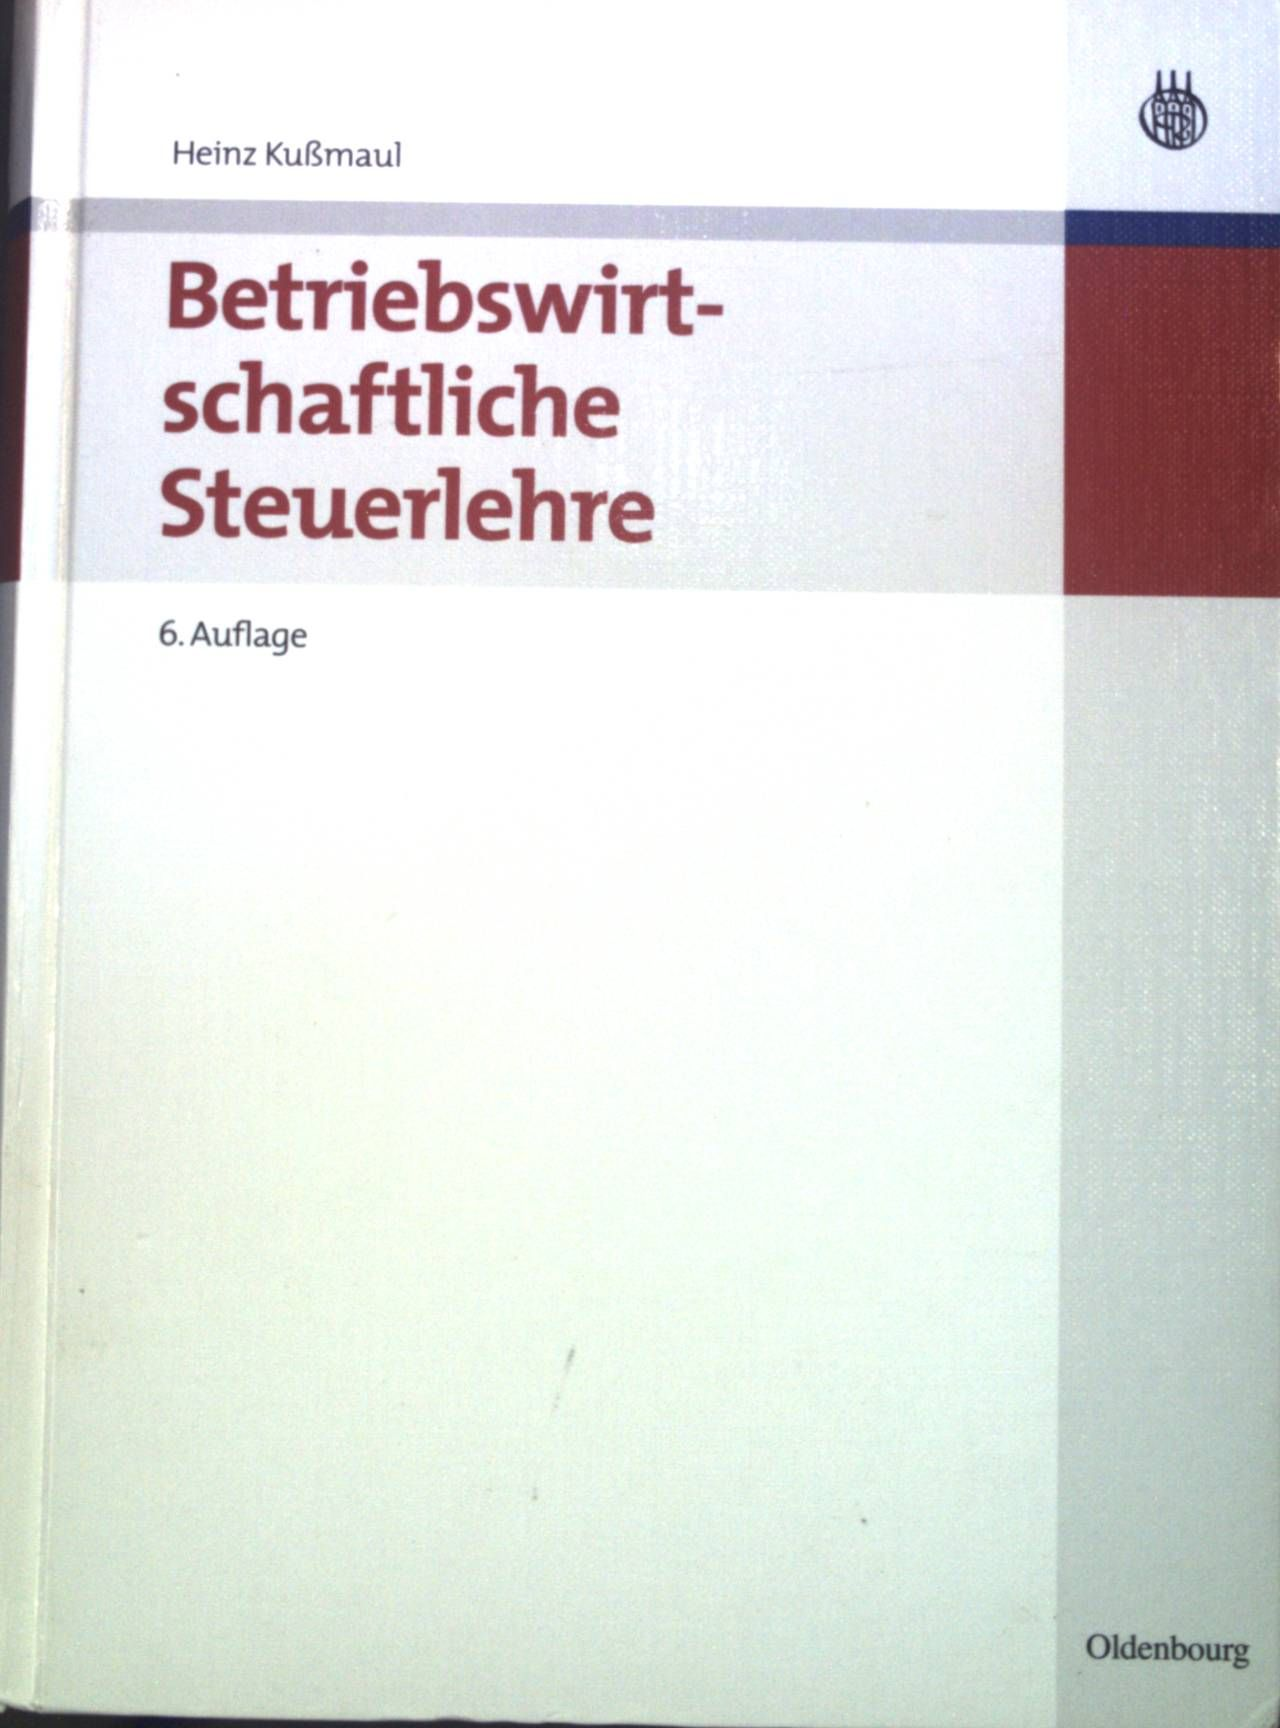 Betriebswirtschaftliche Steuerlehre. Lehr- und Handbücher der Betriebswirtschaftslehre - Kußmaul, Heinz